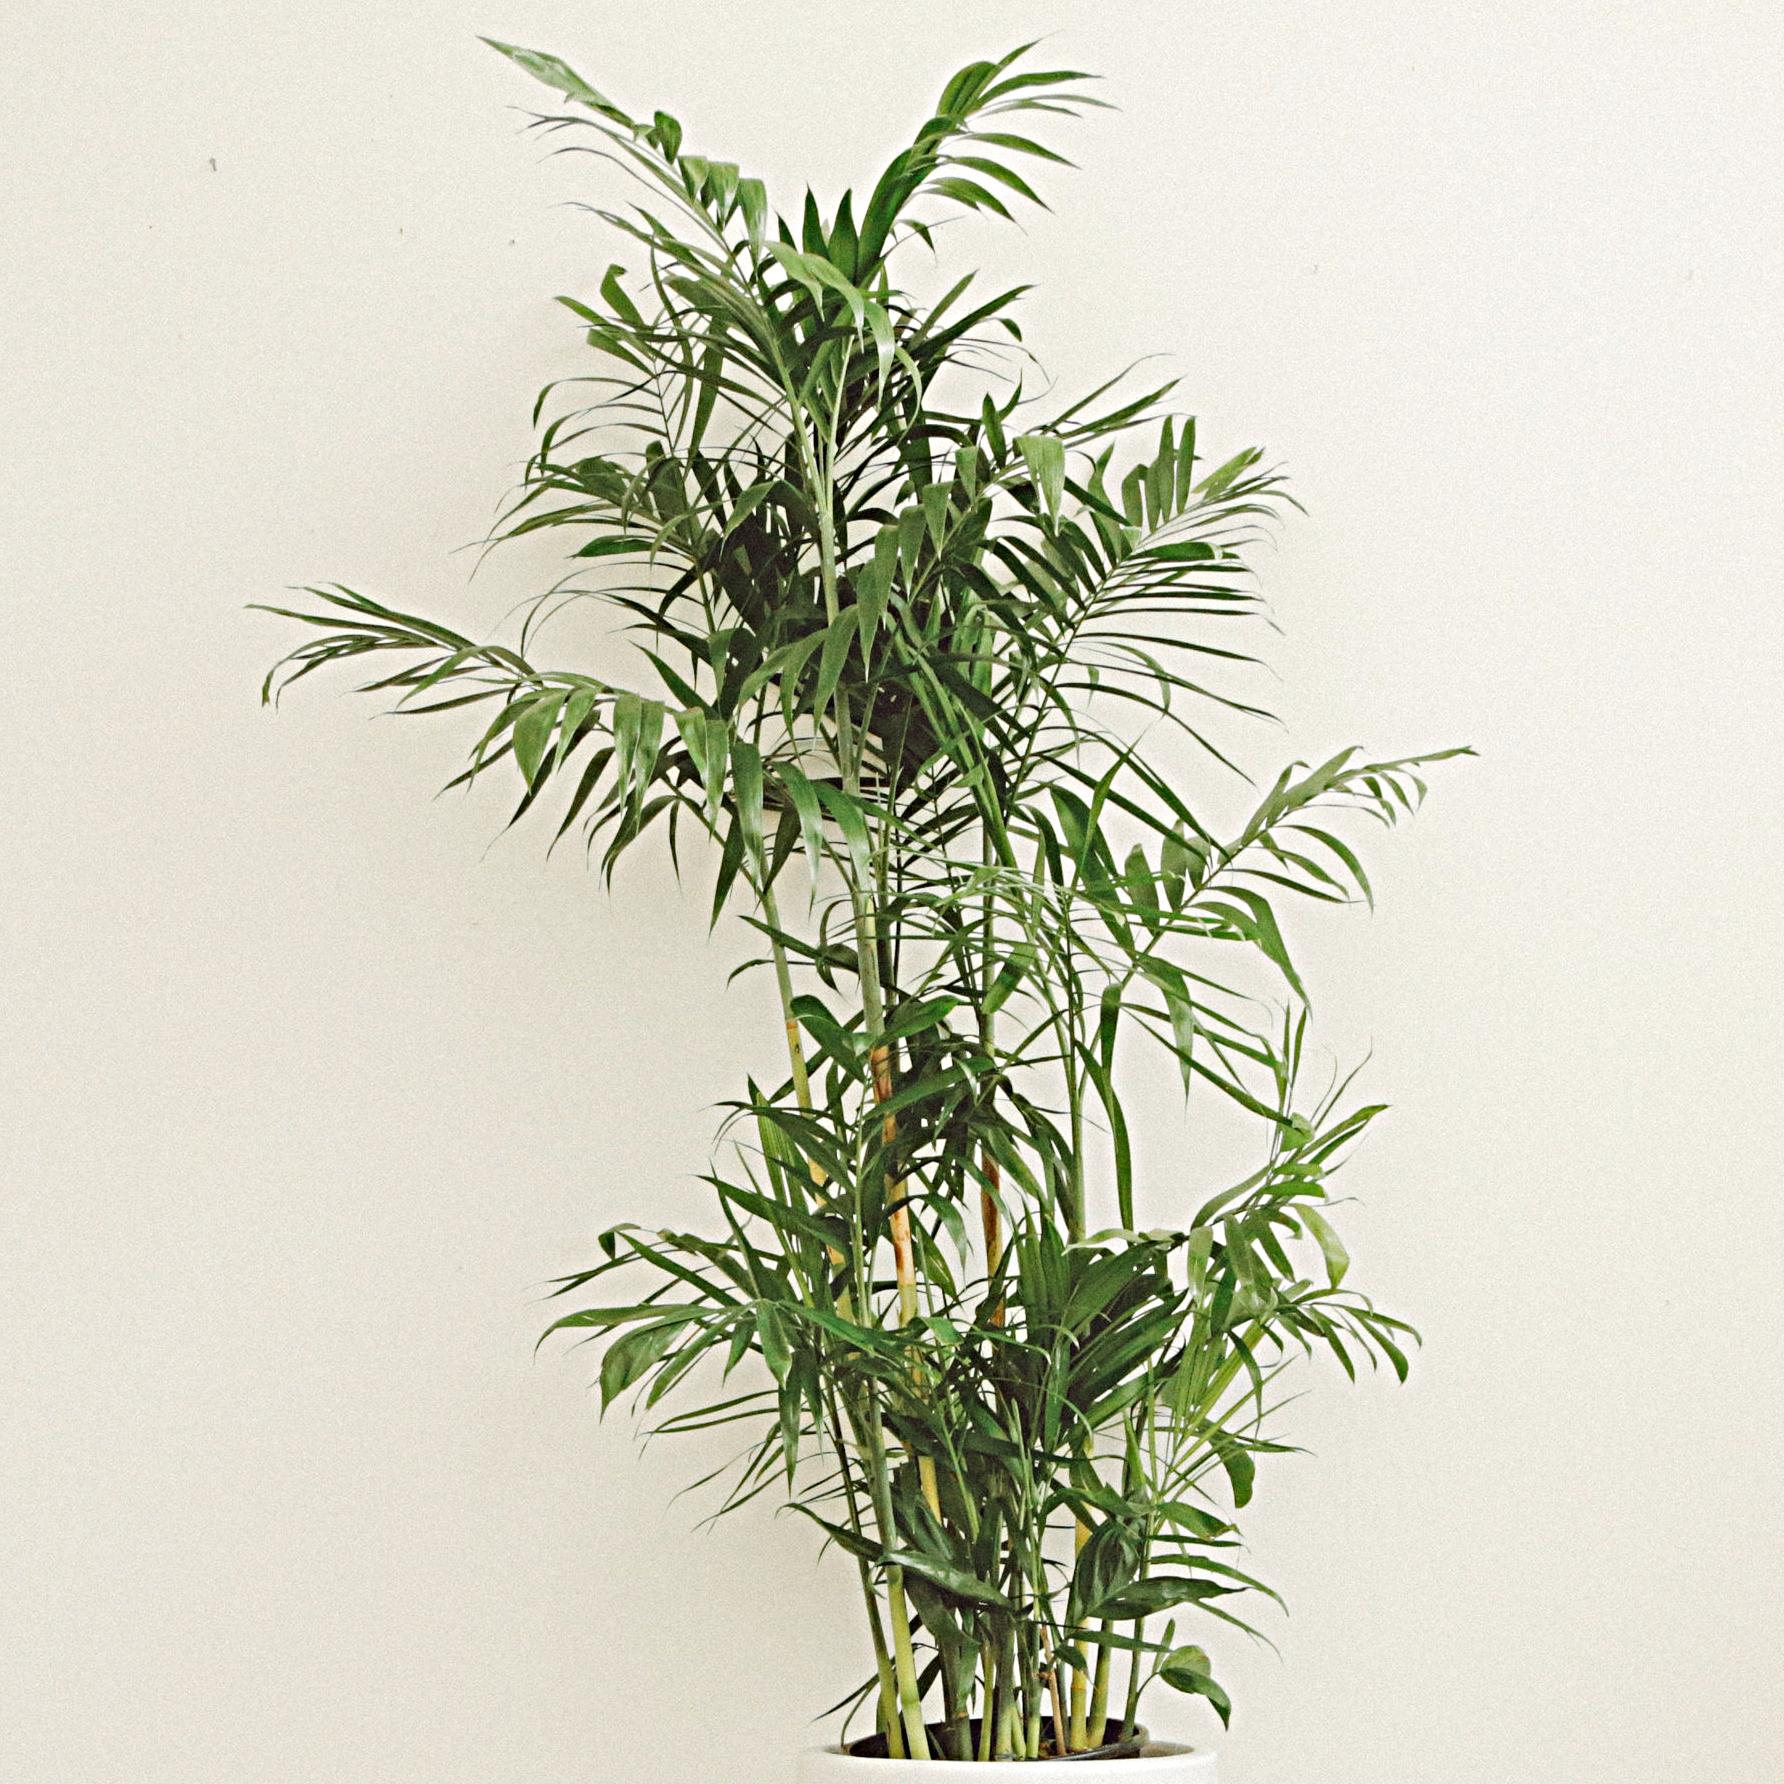 Parlor Palm - Chamaedorea elegans -